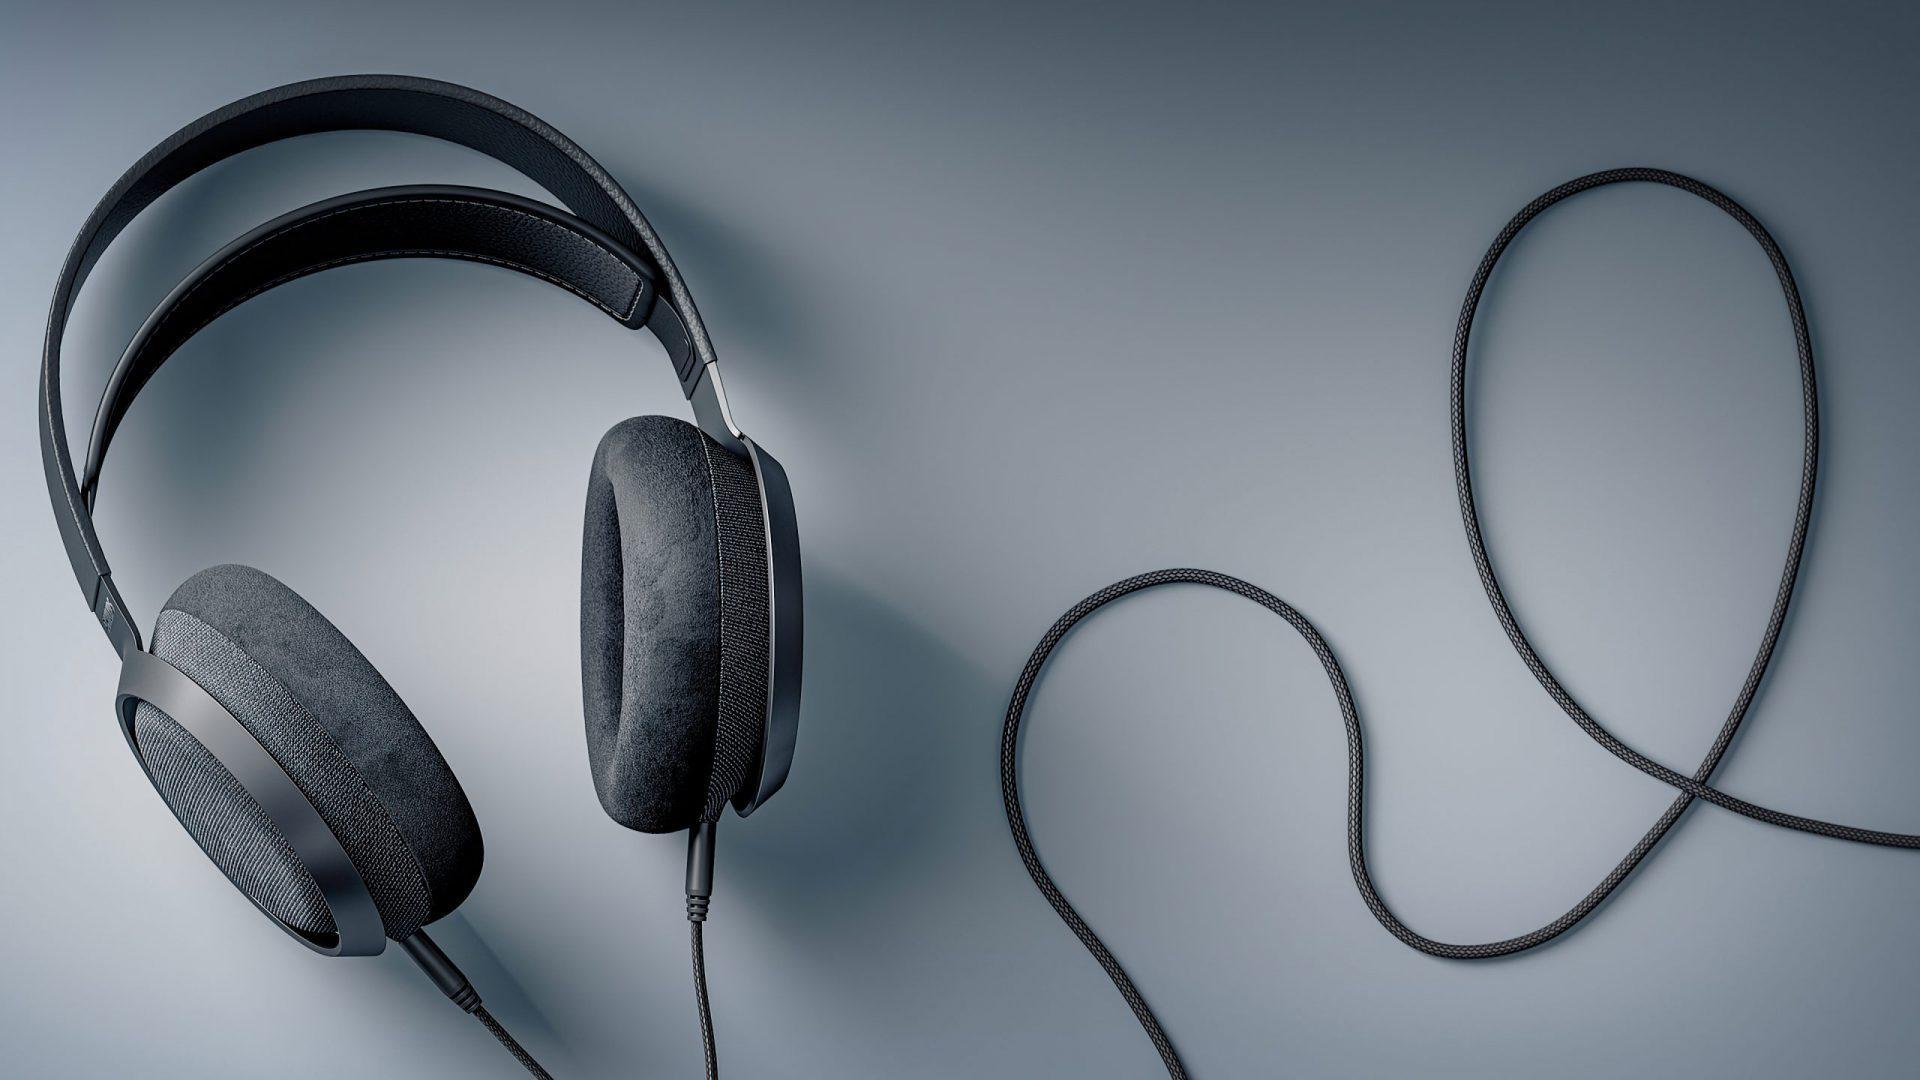 Philips Fidelio X3 SPREAD